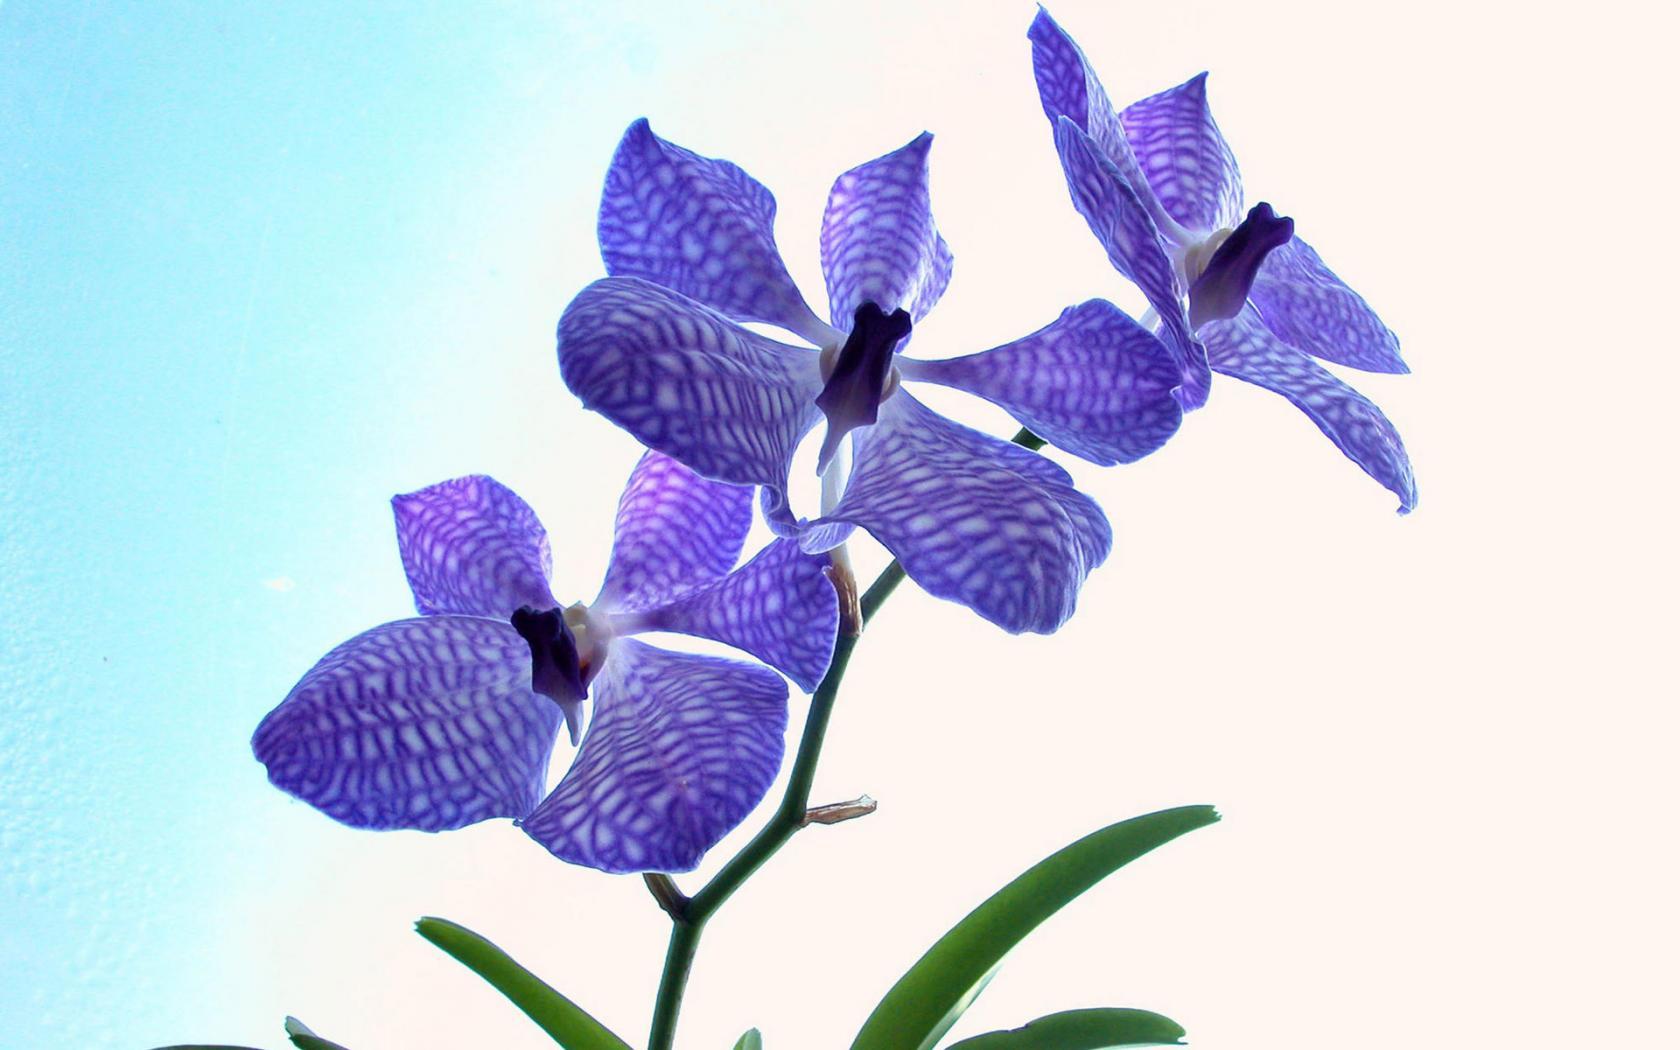 Цветы красивые пятнистые цветы 1680x1050